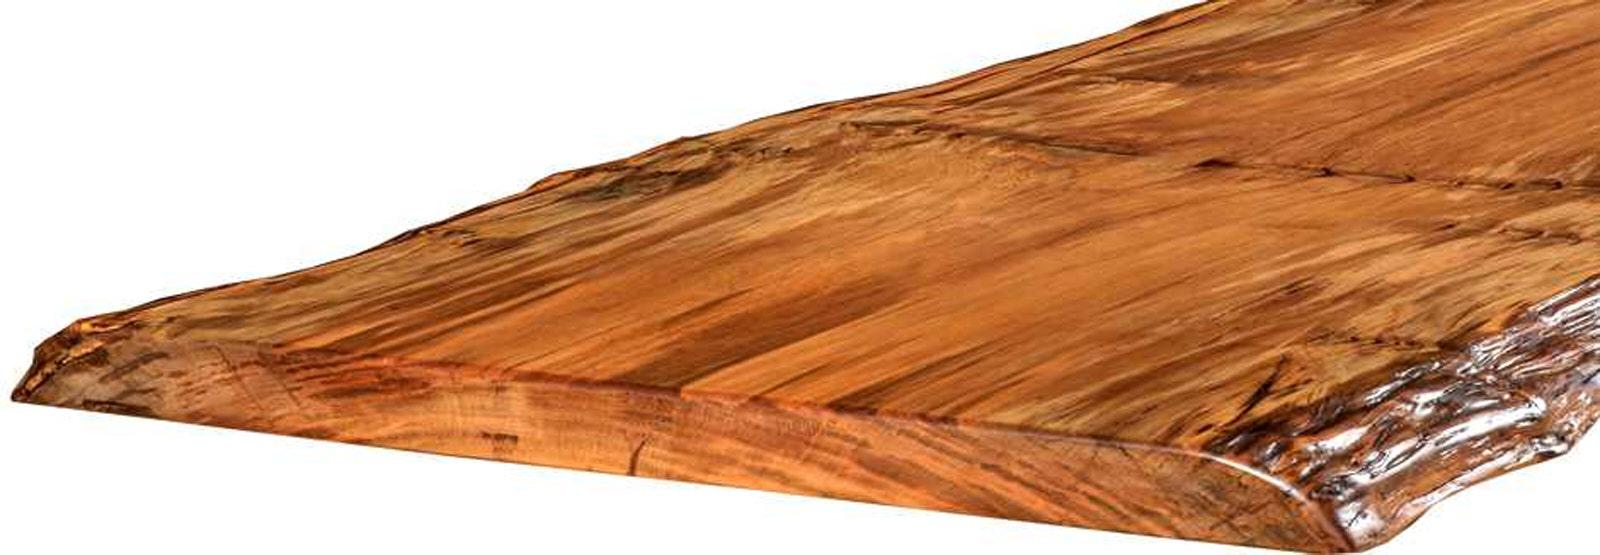 Konferenztisch aus außergewöhnlich großem Kauri Baum, Baumstammtisch aus prähistorischem Baum aus Neuseeland